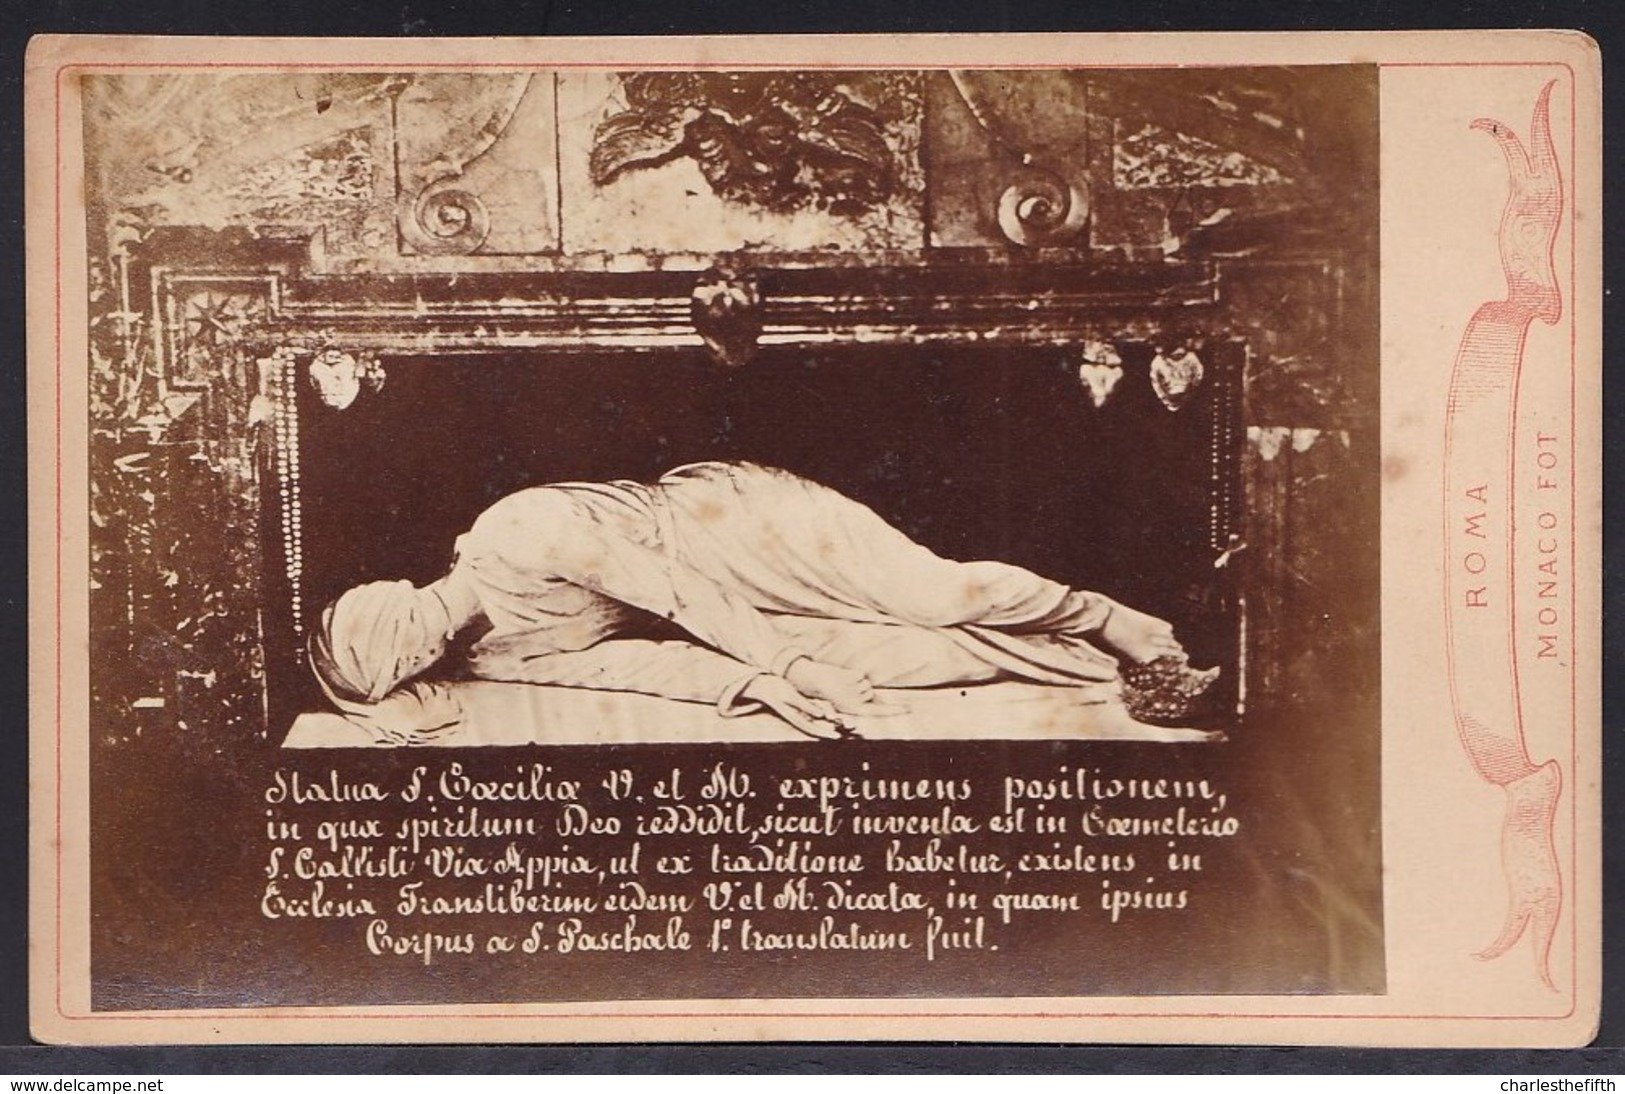 VIEILLE PHOTO ALBUMINE MONTEE SUR CARTON ** STATUA S. CECILIA ** PHOTO MONACO - RARE ! - Old (before 1900)